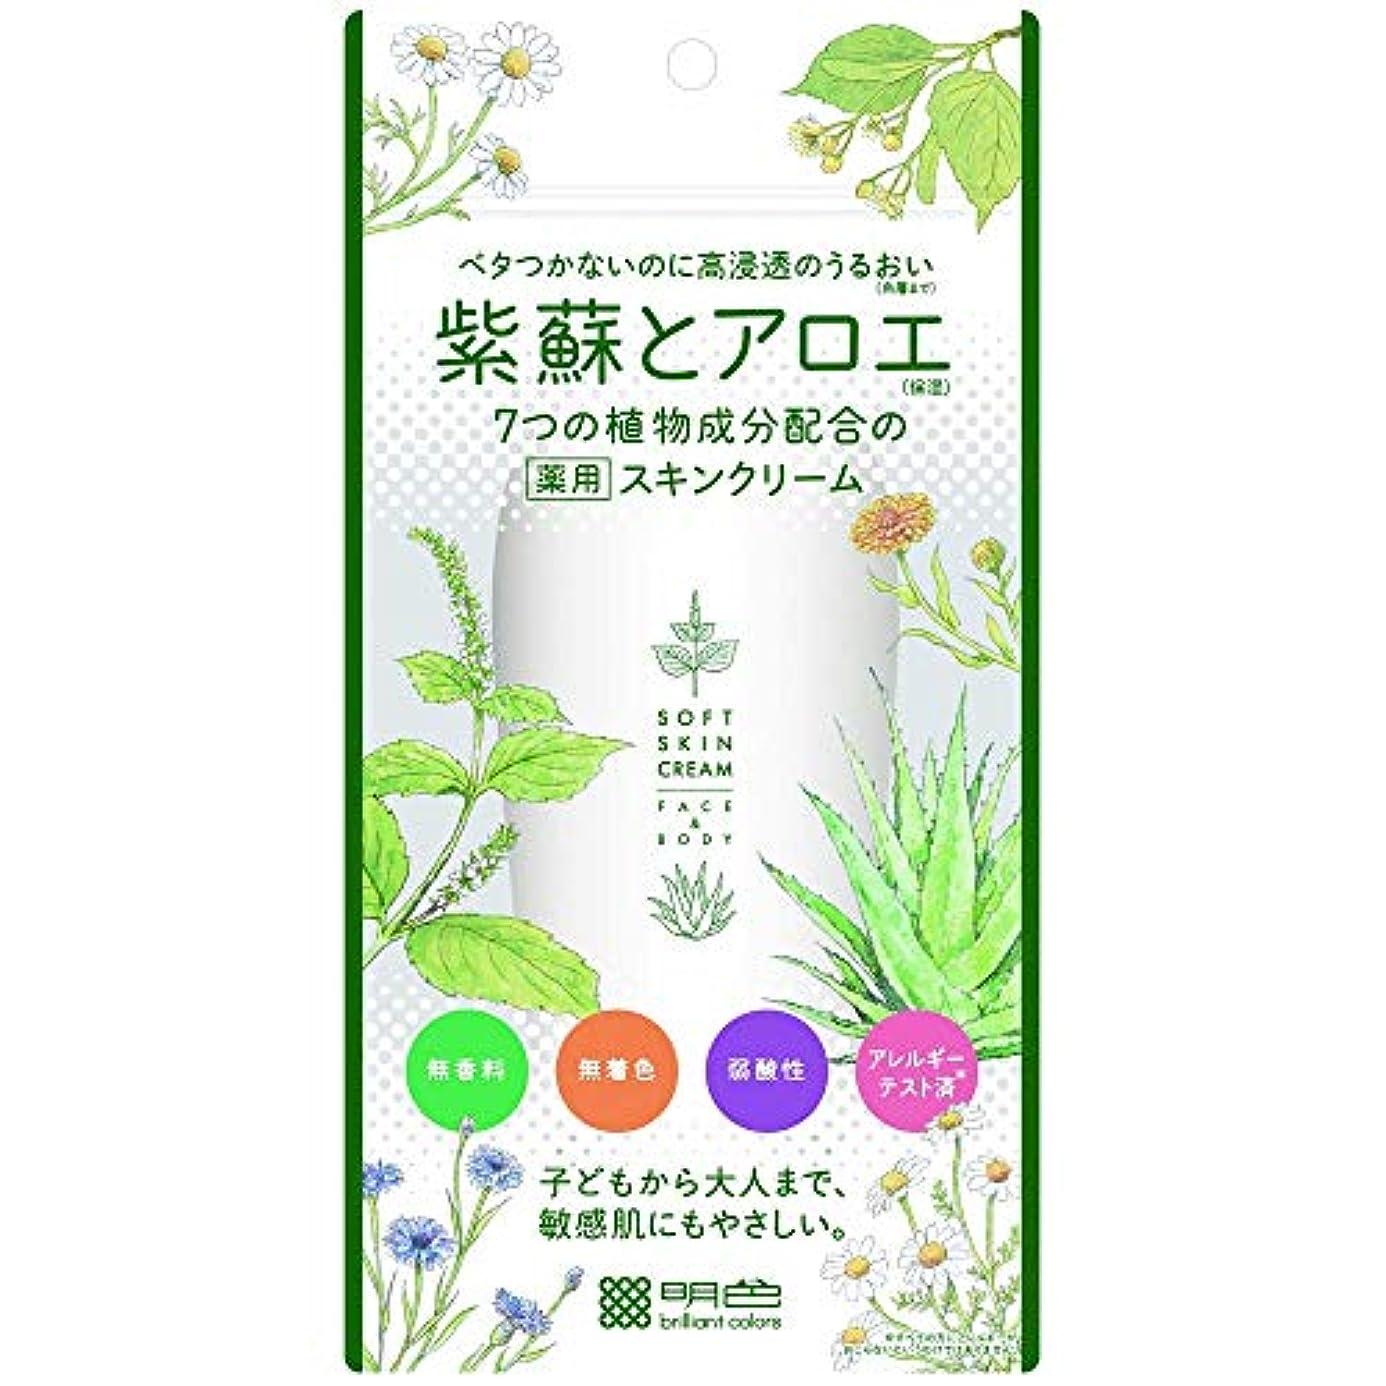 承認する環境レモン【4個セット】紫蘇とアロエ 薬用スキンクリーム 190g